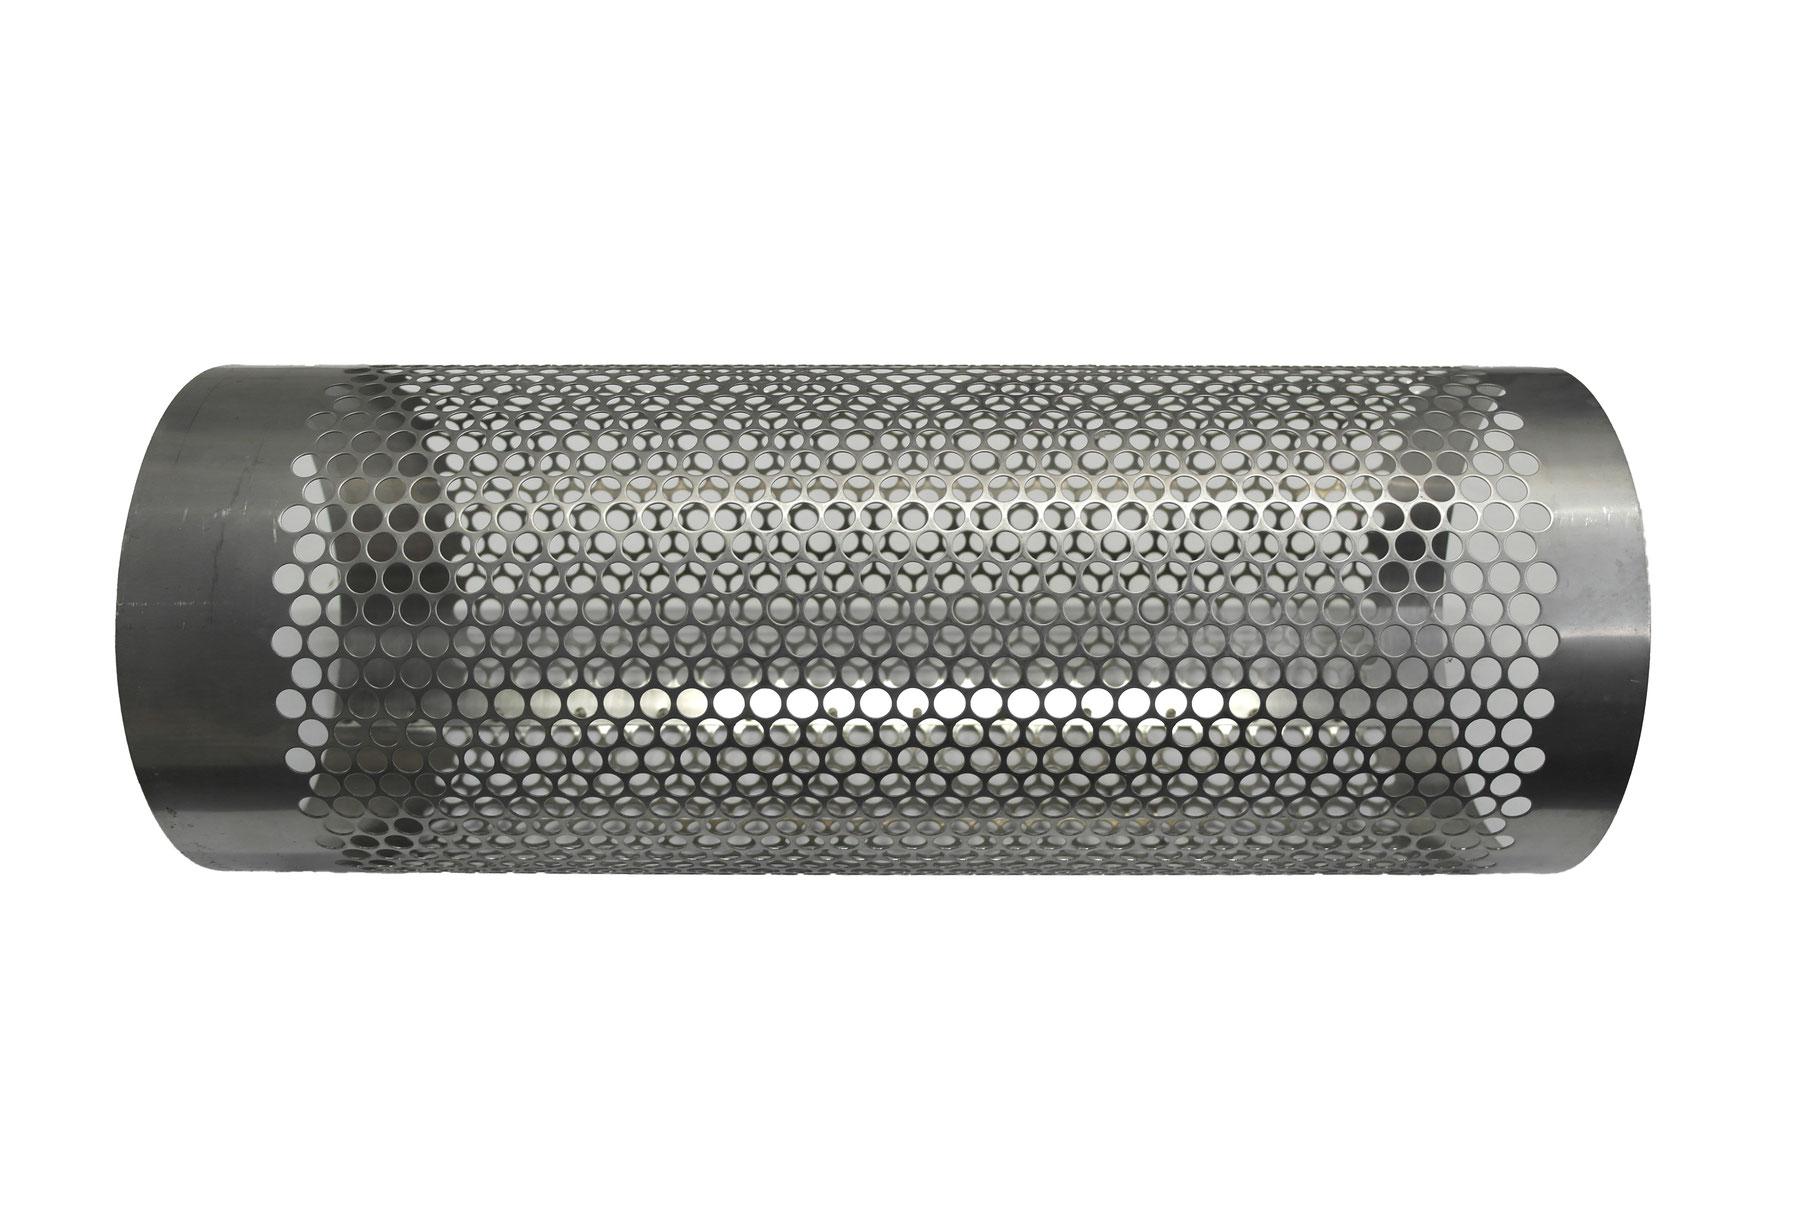 siebrohr f r 200er kg rohr dn 200 filter und filterzubeh r f r ihren teich. Black Bedroom Furniture Sets. Home Design Ideas